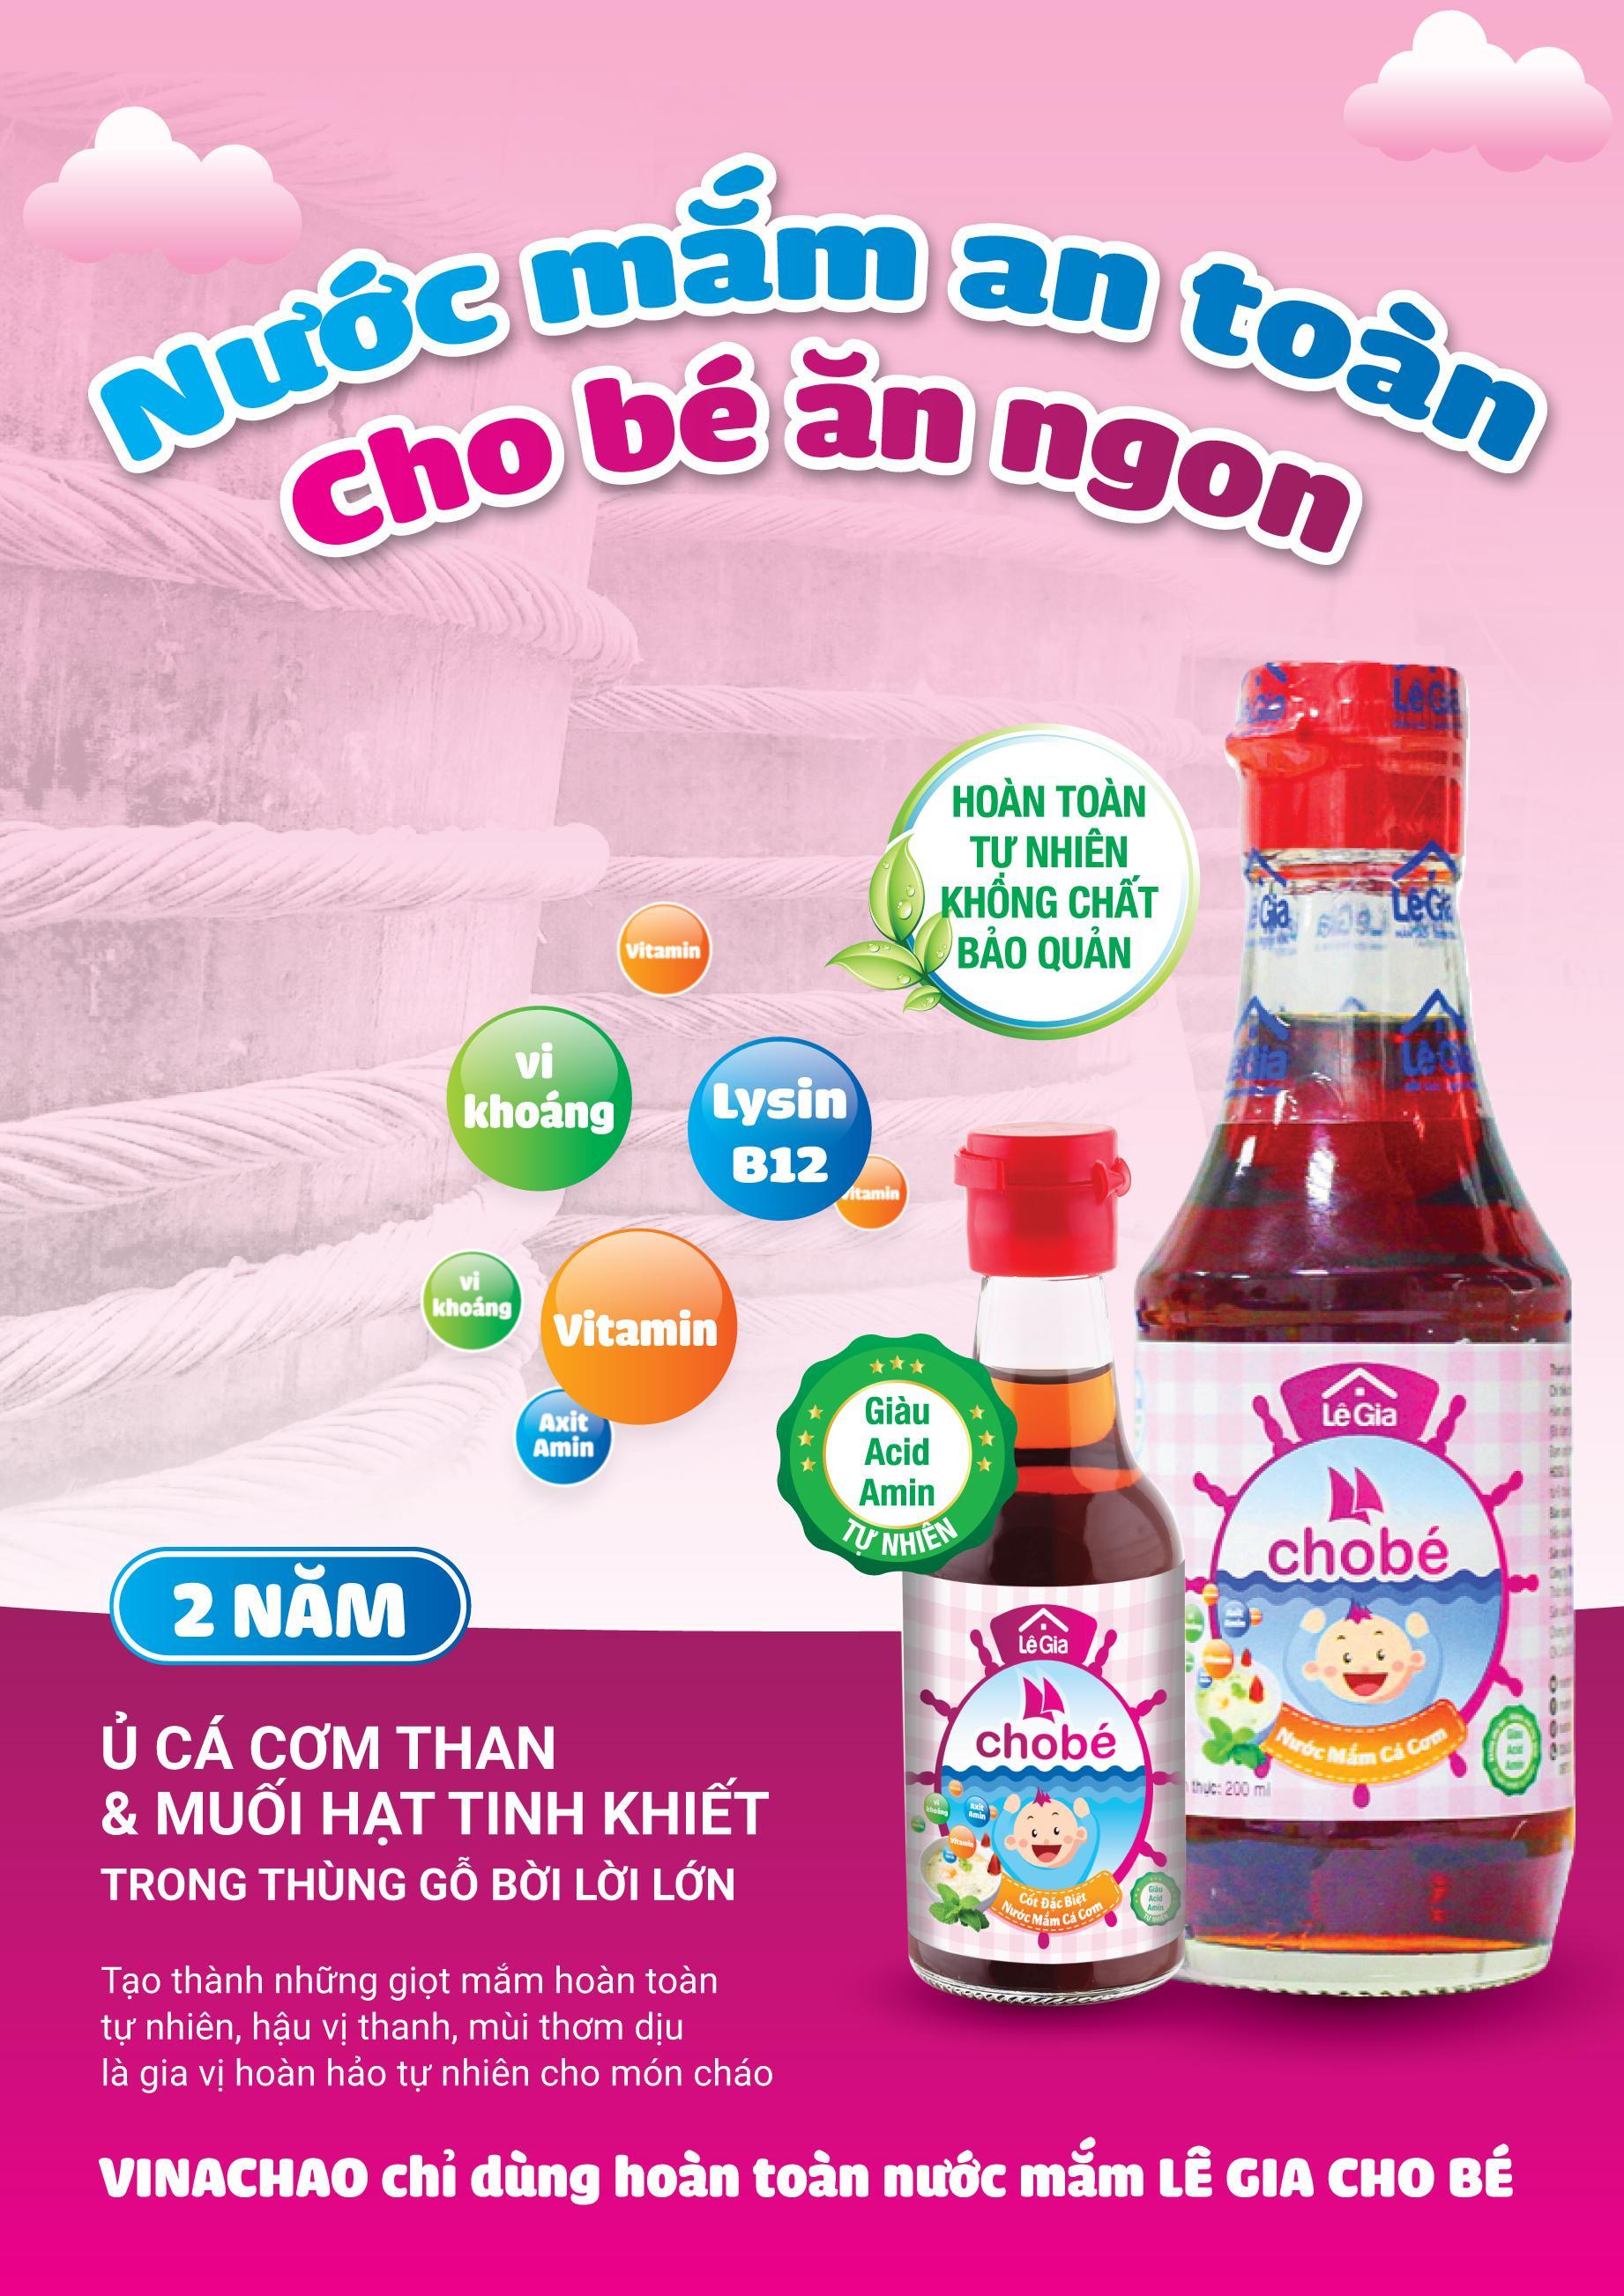 Nhà phân phối sữa, thực phẩm cho bé ăn dặm tại Biên Hòa, Đồng Nai